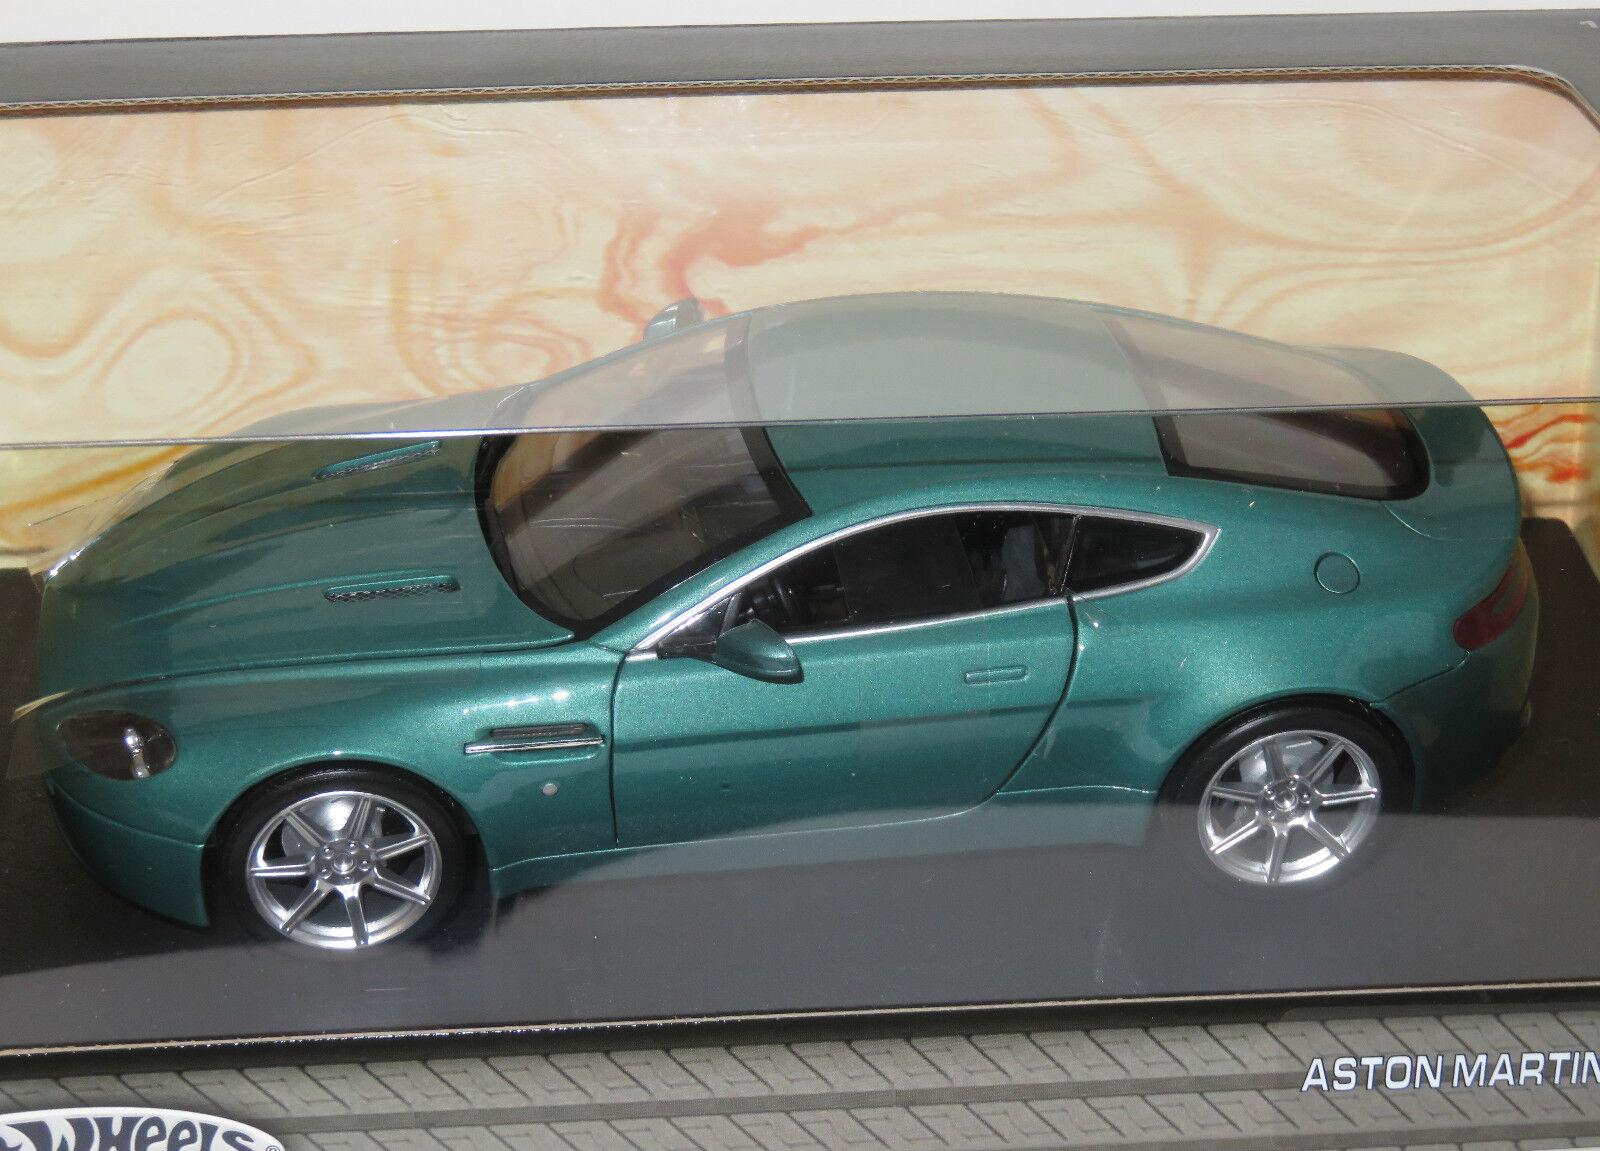 Célébrez Noël et bienvenue au Nouvel An 1/18 Hot Hot Hot Wheels Aston Martin V8 Vantage vert métallique   Pour Gagner L'éloge Chaleureux De La Part Des Clients  150ed8